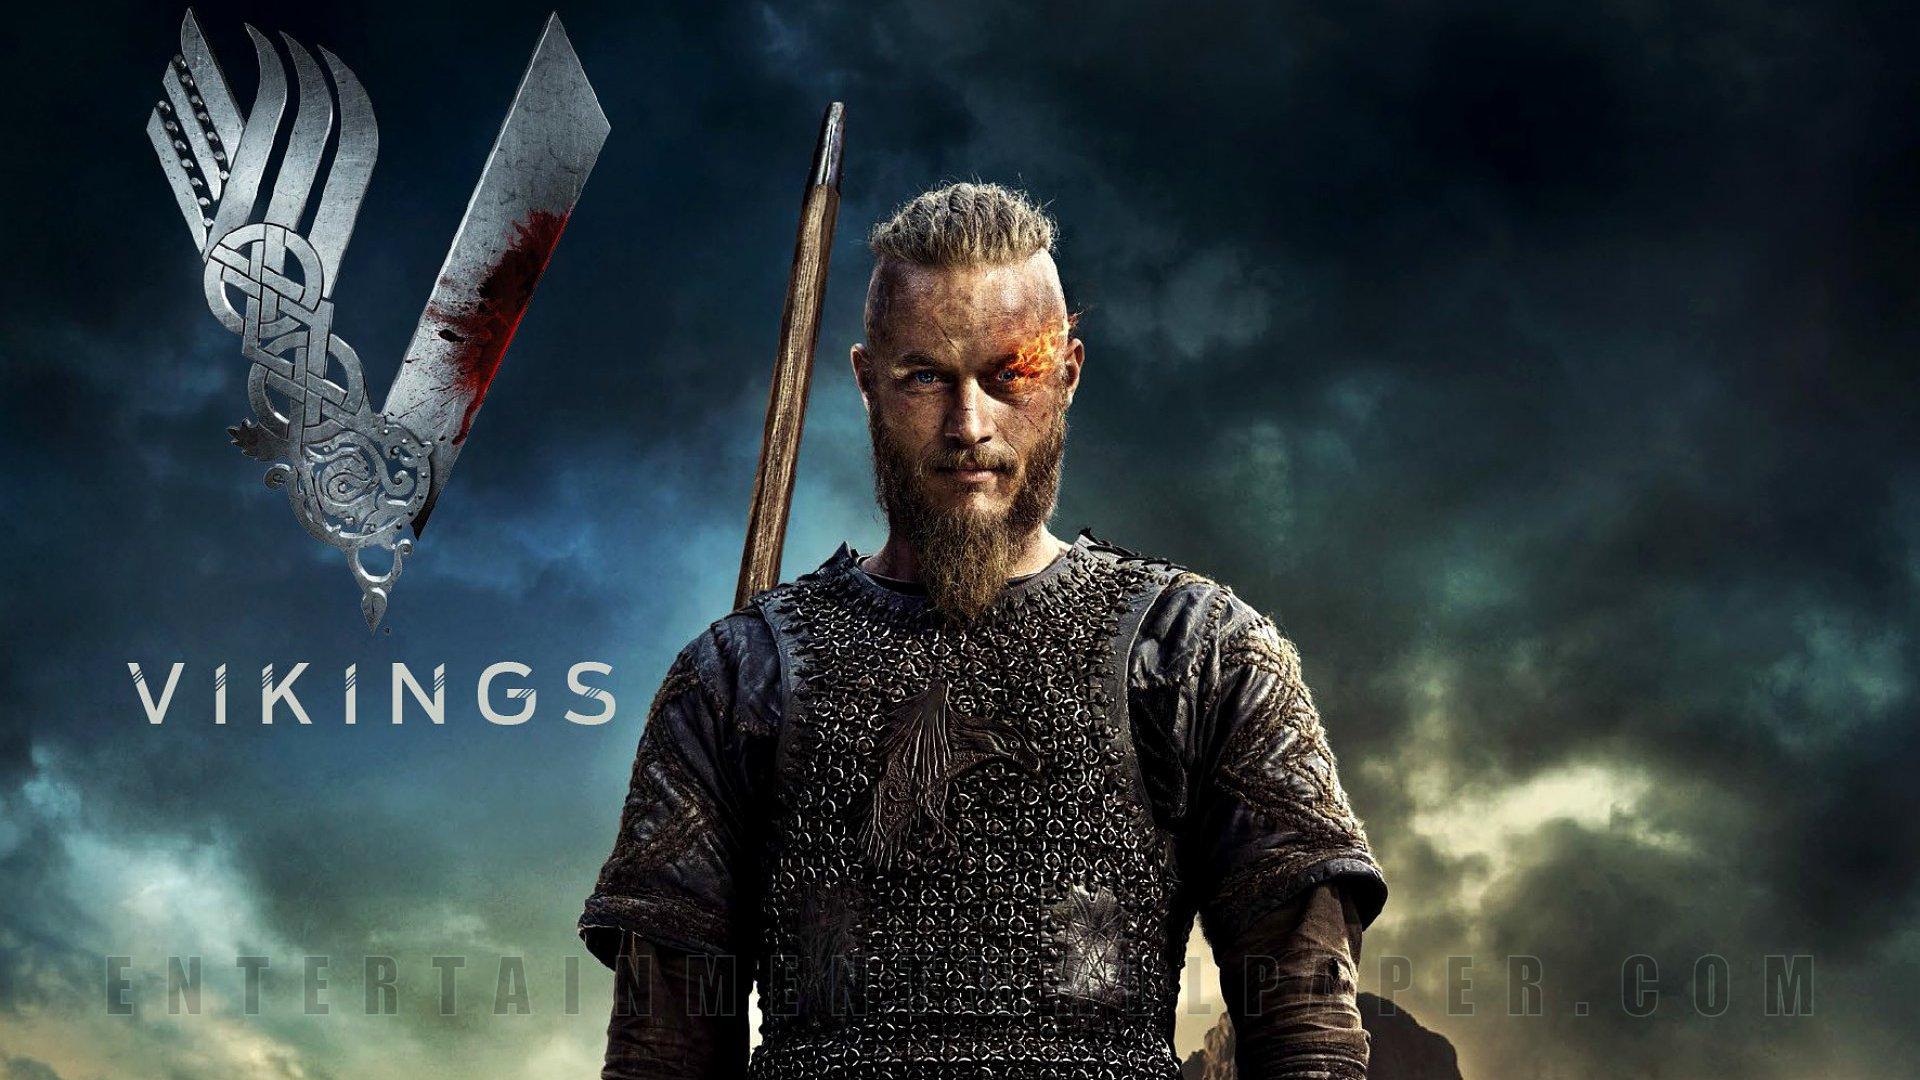 vikings-tv-series-wallpapers-41.jpg